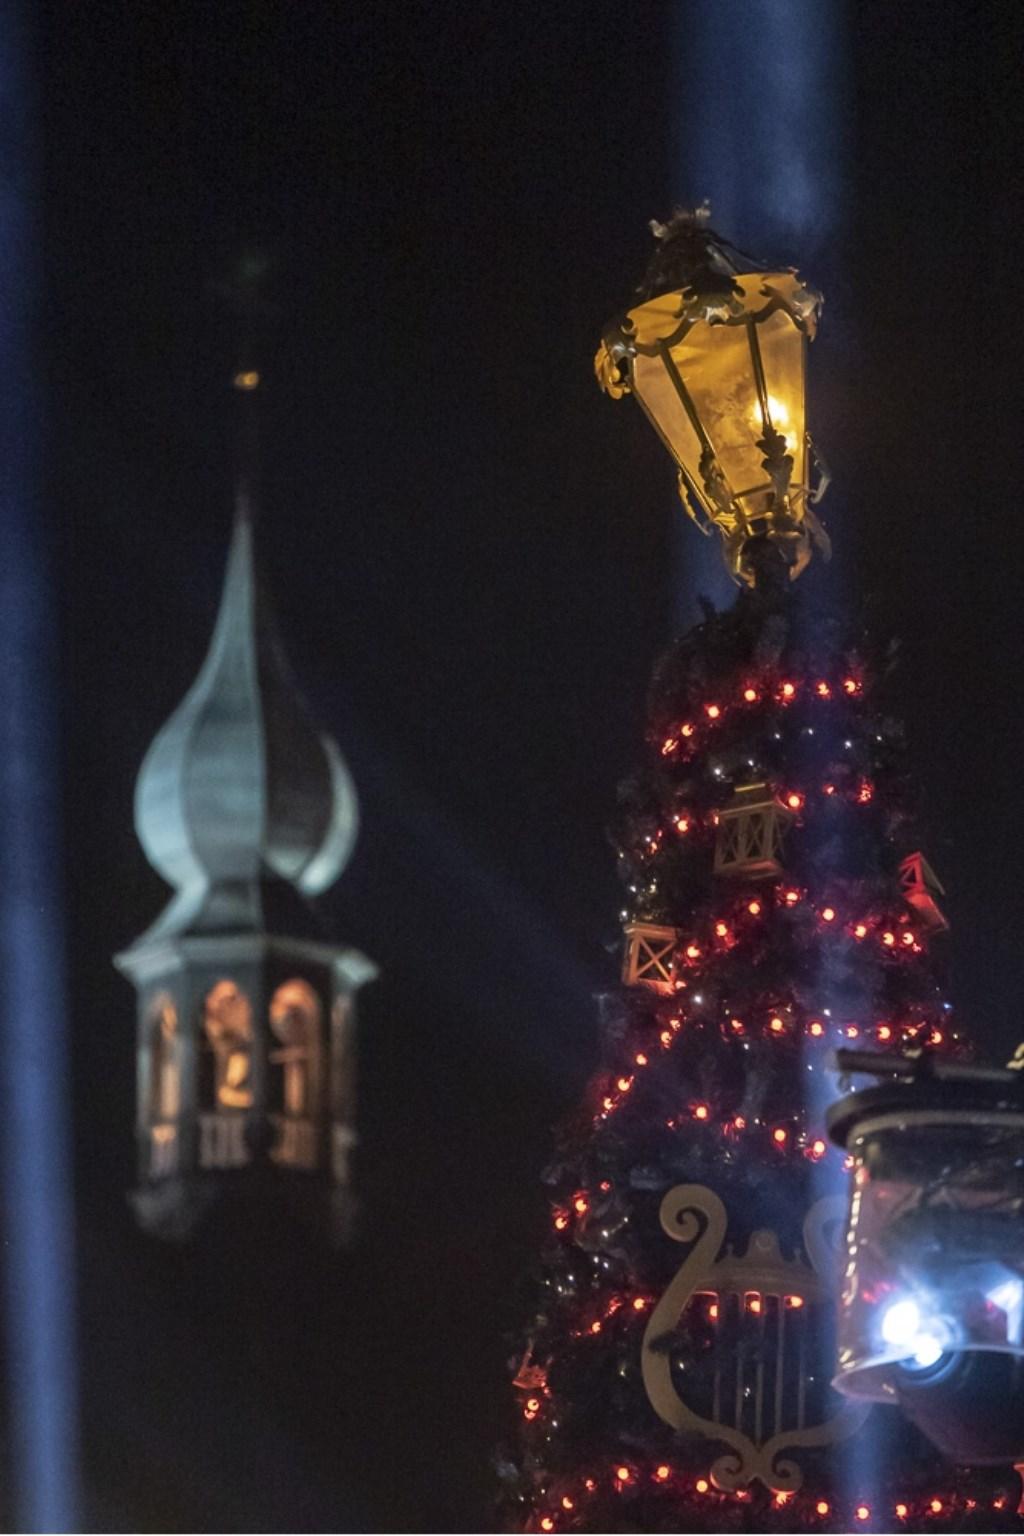 Kerstboom en de kerktoren. Foto: Stadsfotograaf Breda © BredaVandaag